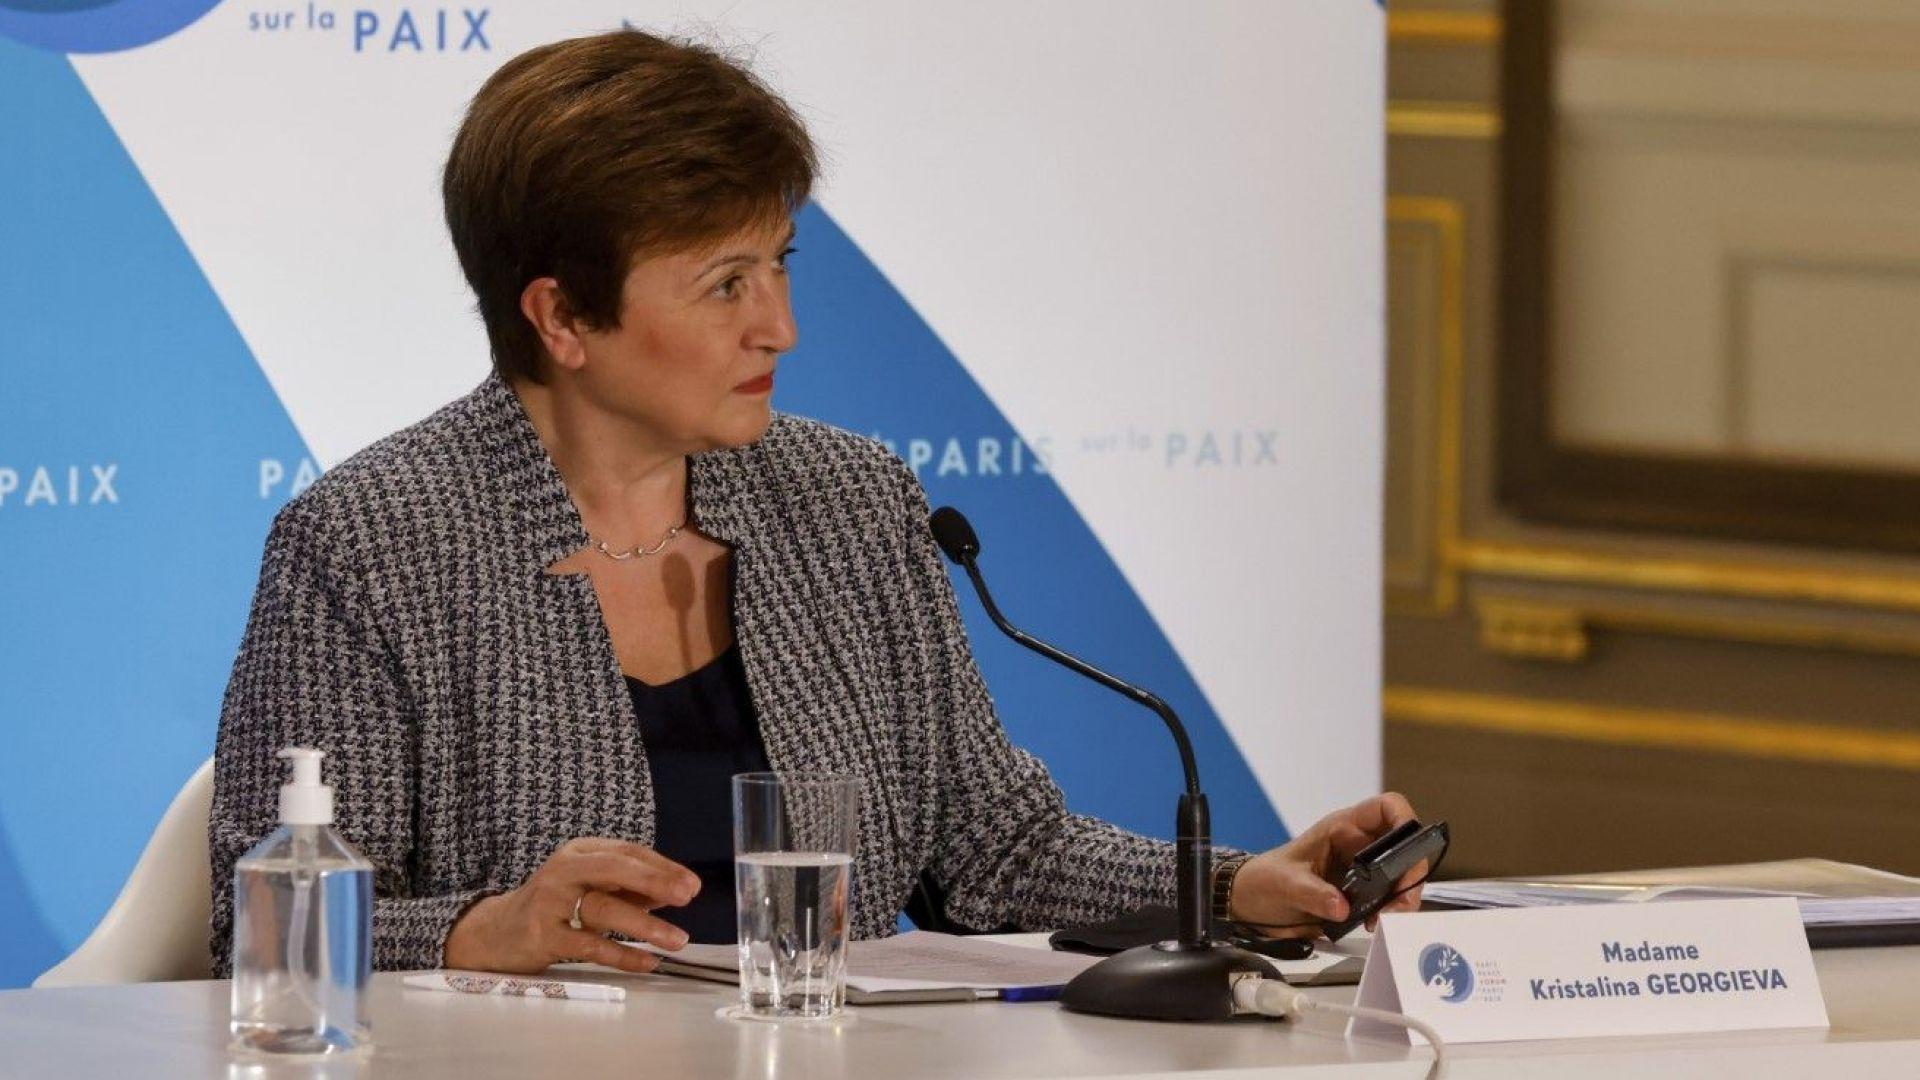 Кристалина Георгиева: Имам абсолютно доверие в цифрите от докладите на МВФ